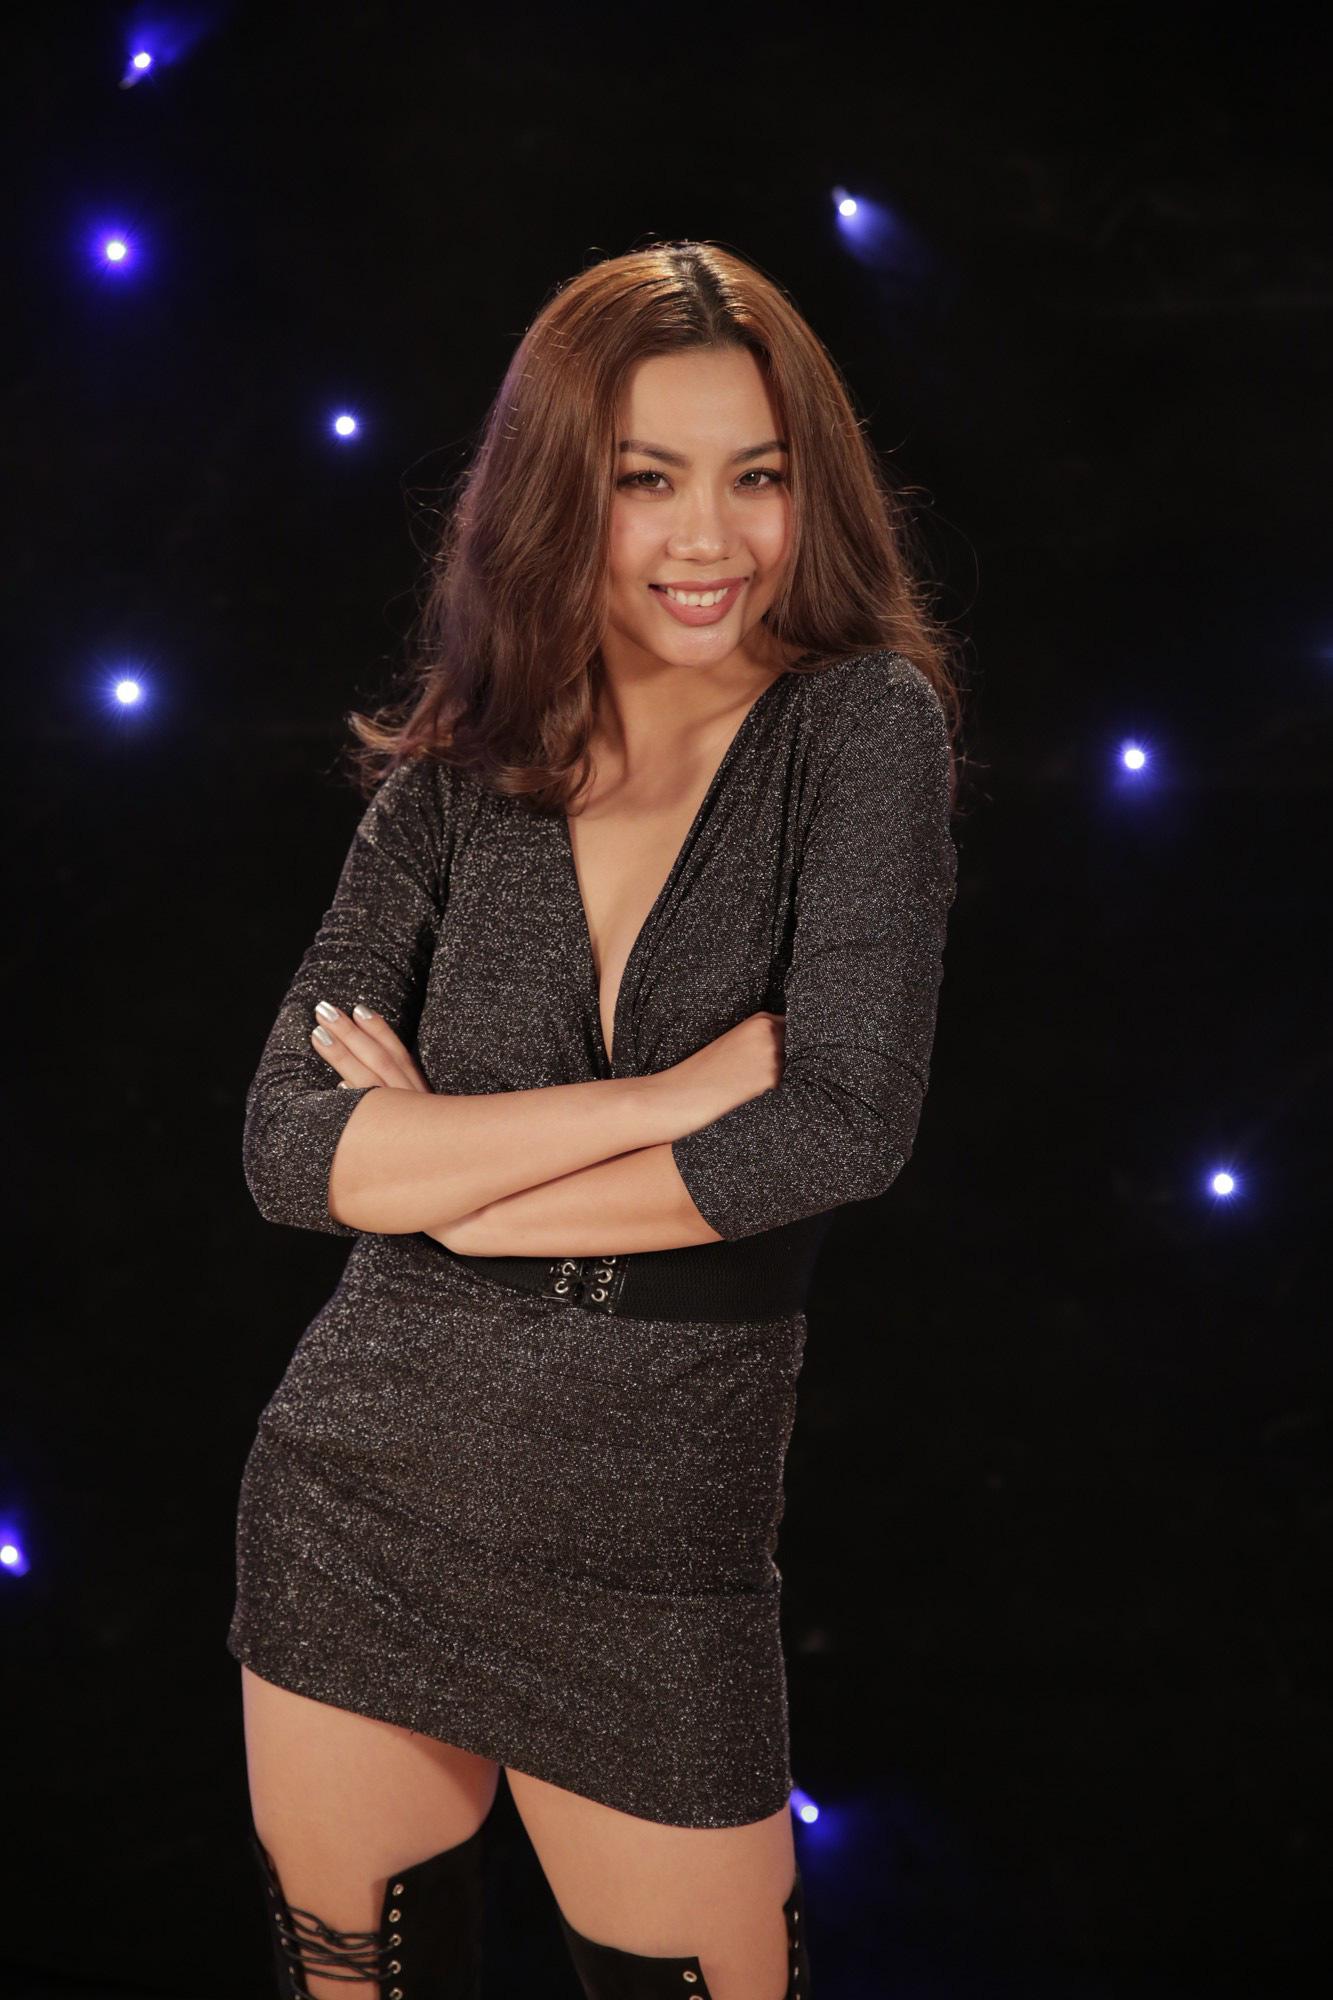 Lại Thanh Hương trở lại sau sự cố U23 Việt Nam, chiến thắng Quý cô hoàn hảo và giành 105 triệu đồng - Ảnh 4.